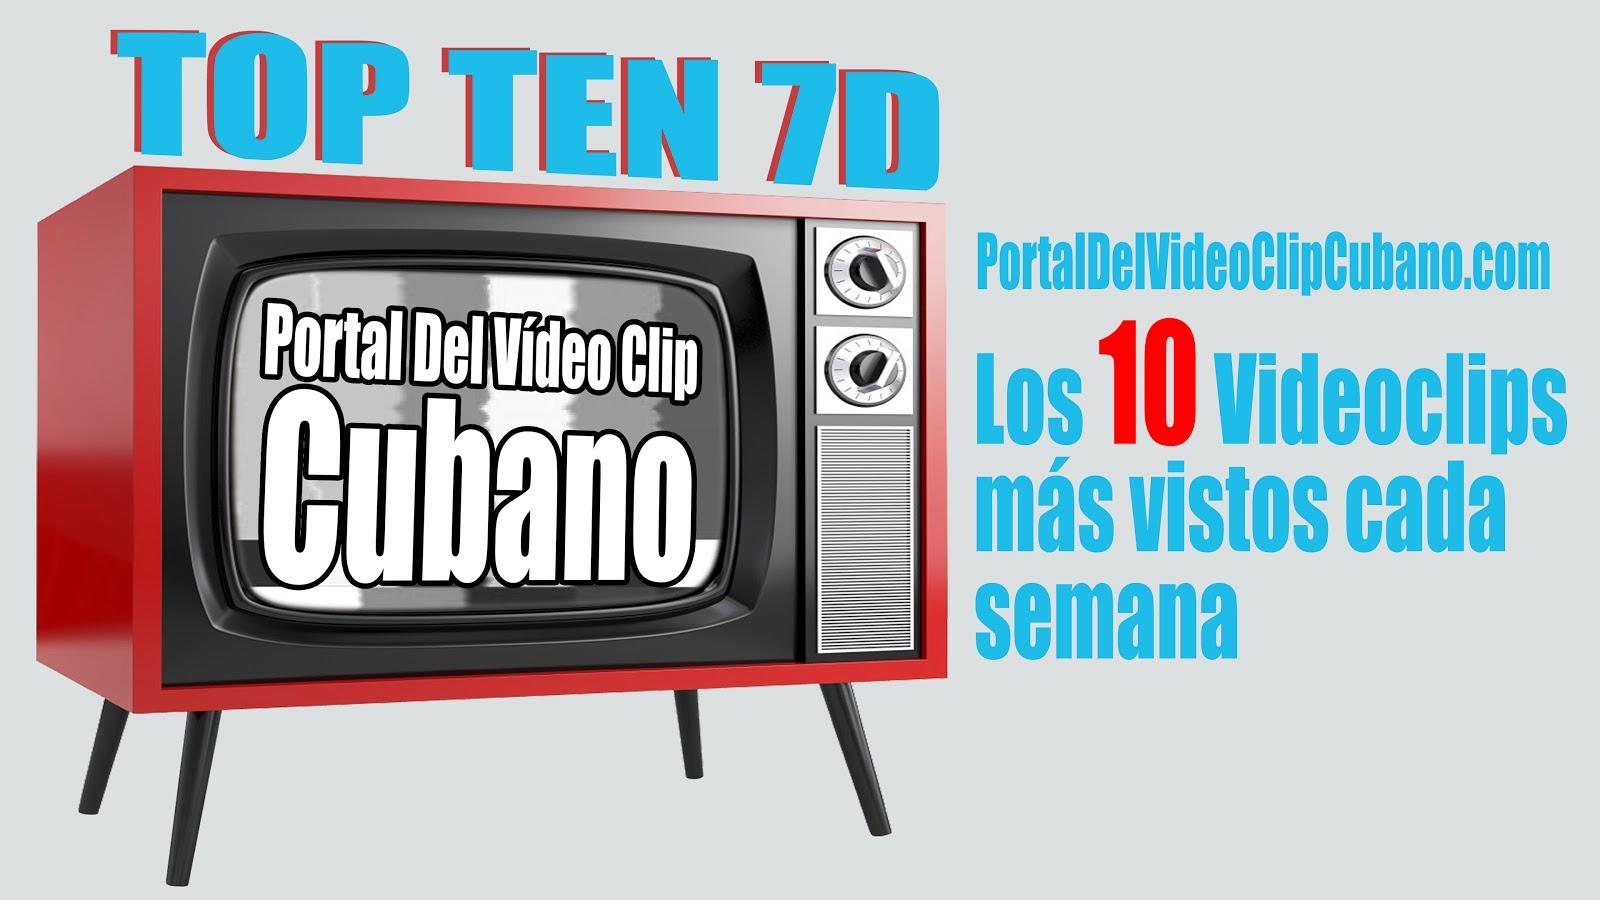 * TOP TEN 7D * Los 10 Videoclips más vistos cada semana en el Portal Del Vídeo Clip Cubano